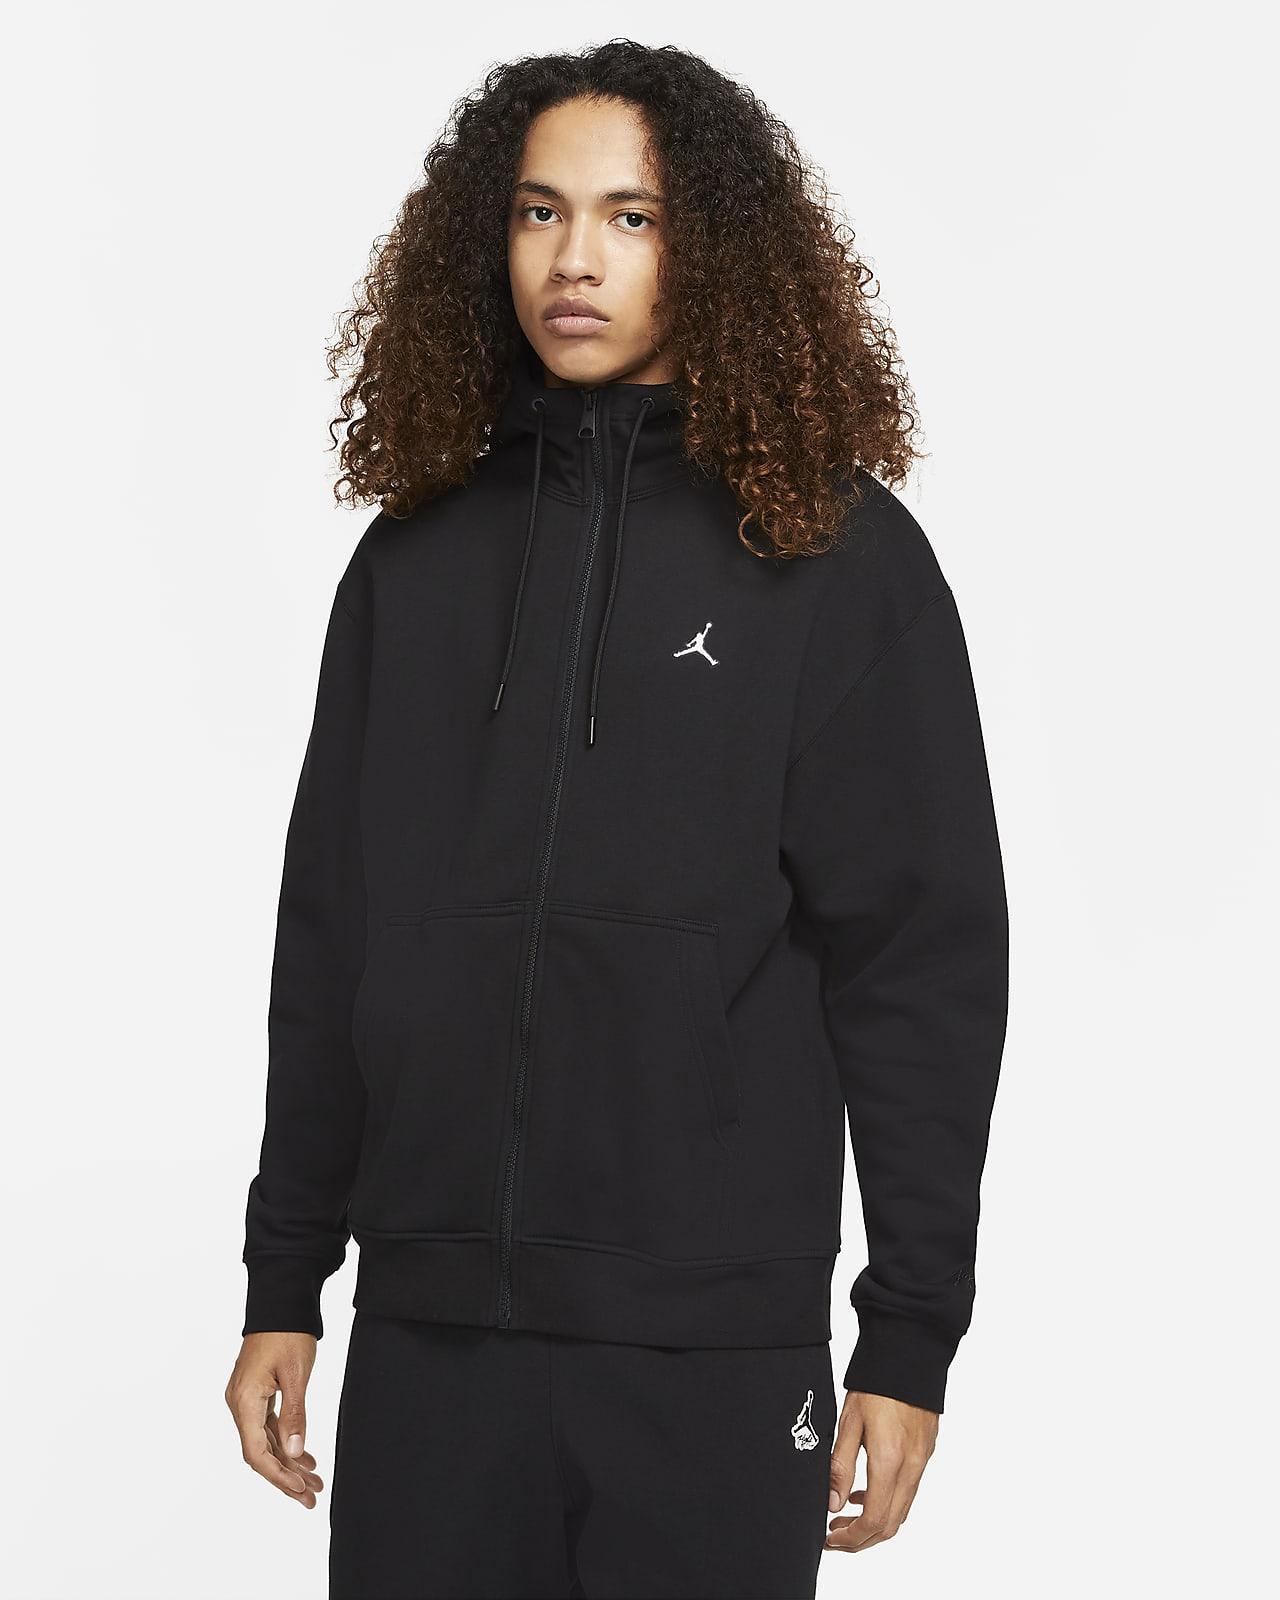 Jordan Essentials Men's Fleece Full-Zip Hoodie